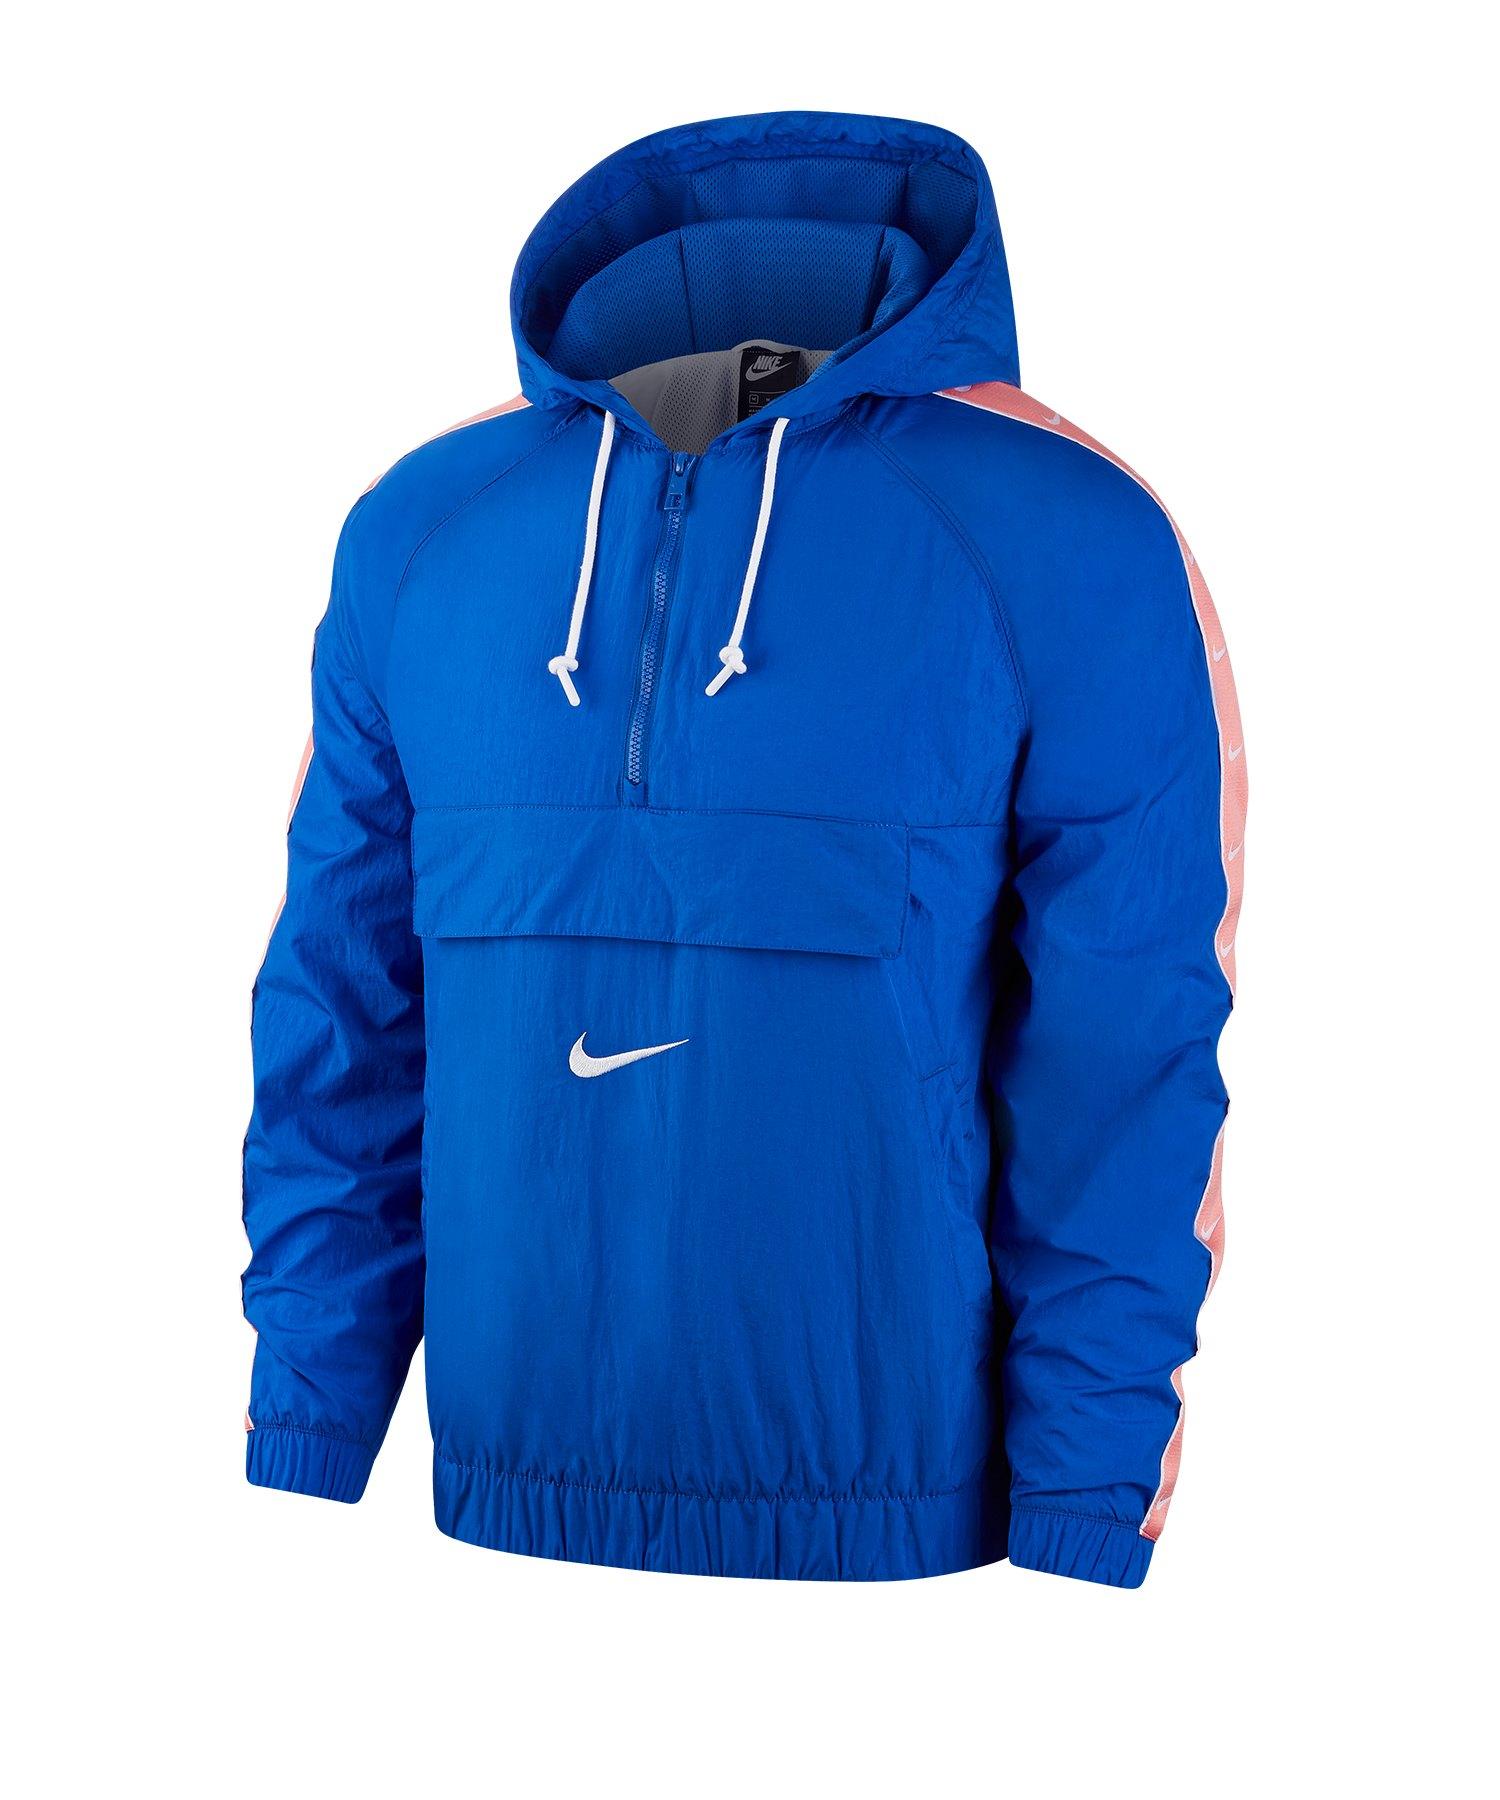 Nike Woven Swoosh Kapuzenjacke Blau F480 - blau